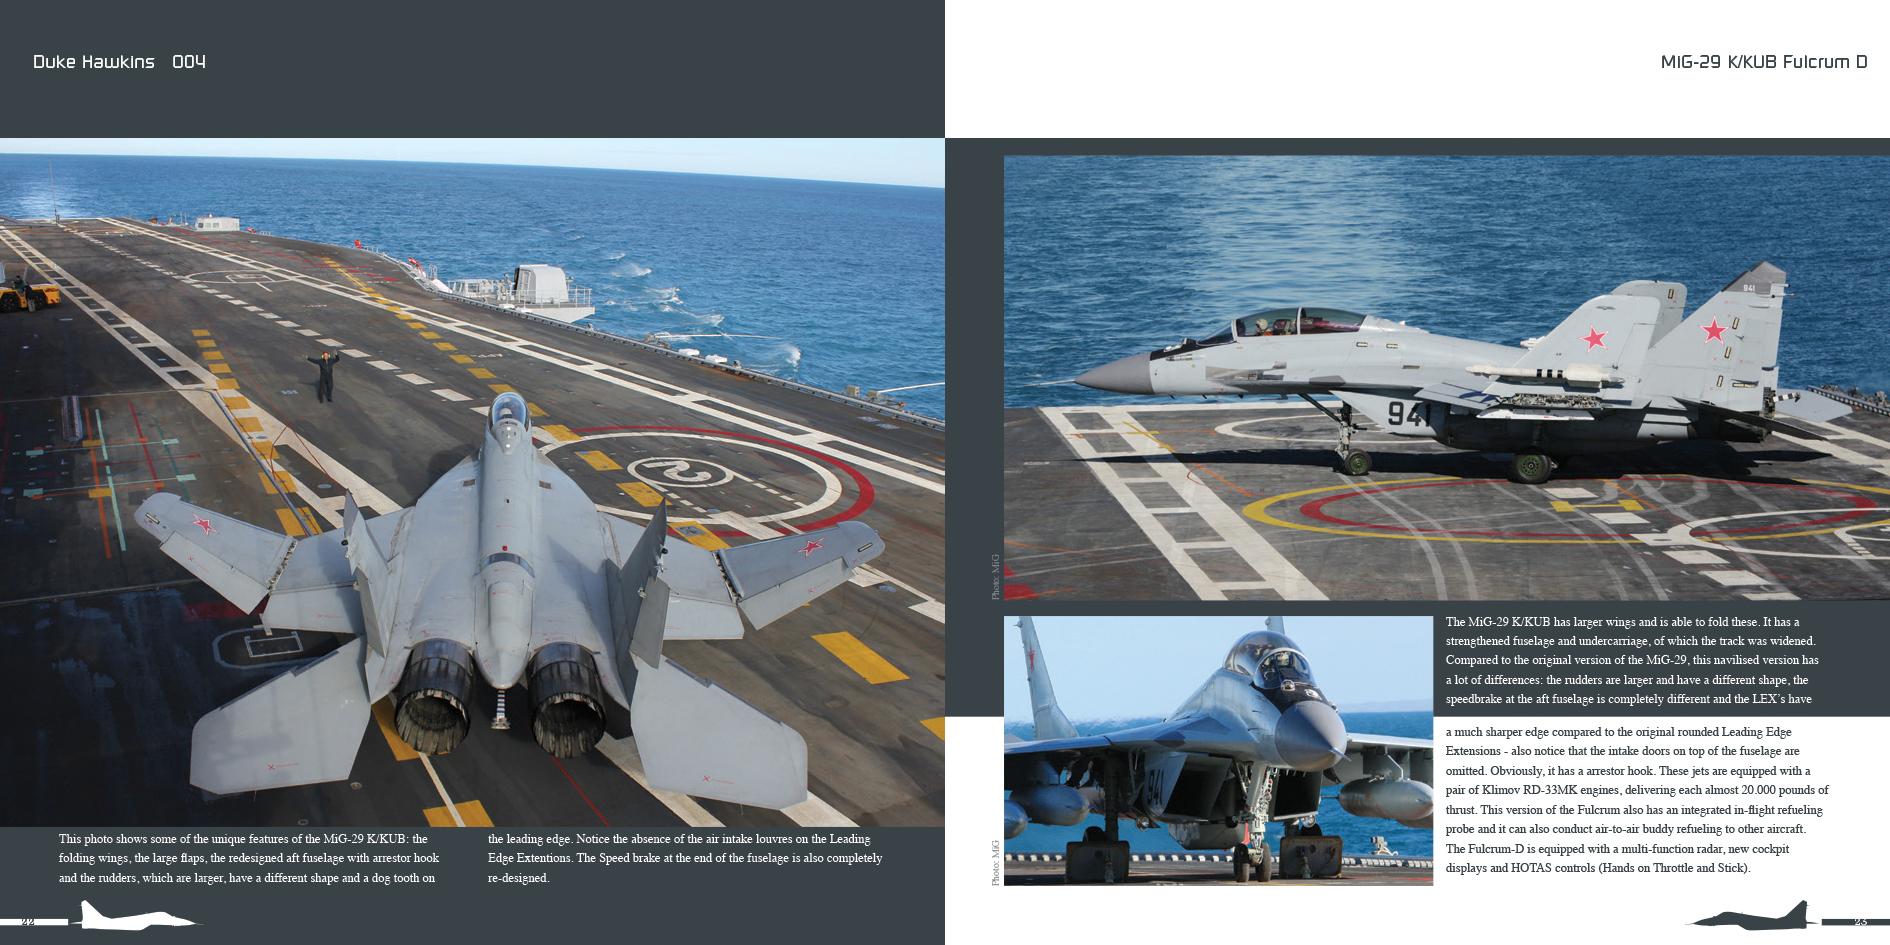 DH004 - MiG 29-003